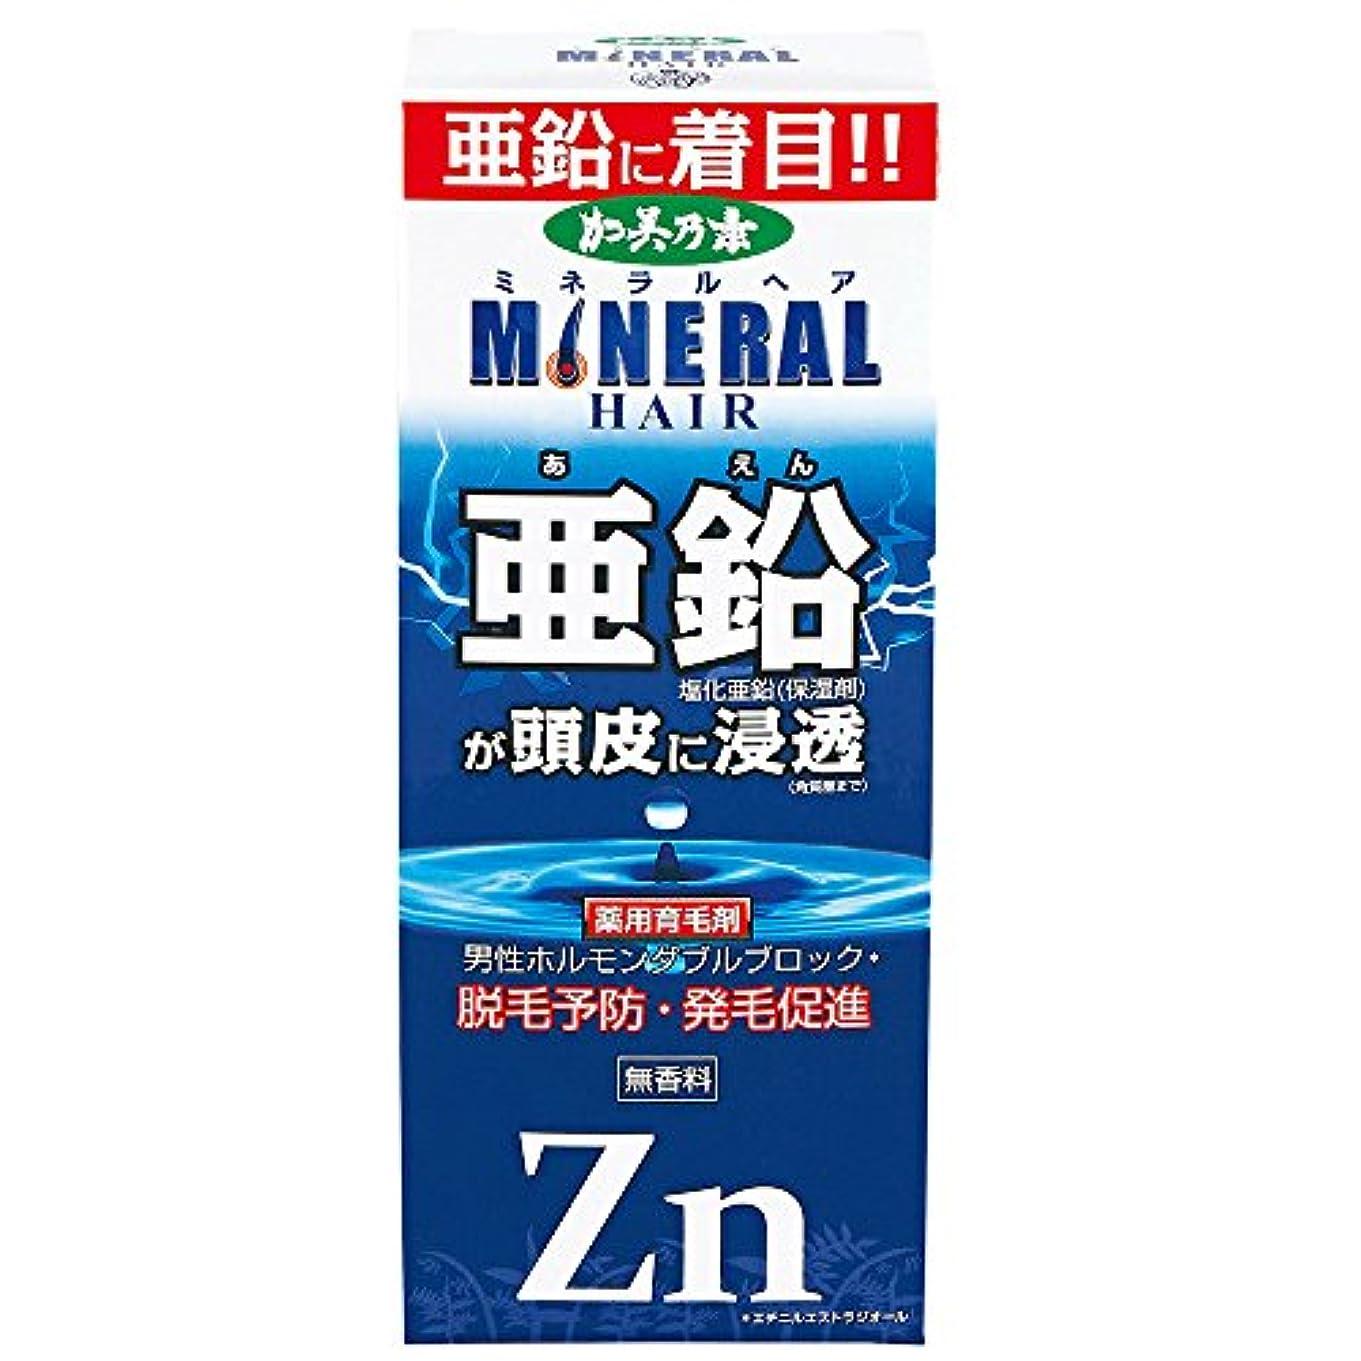 製造業トレーダー発明する薬用加美乃素 ミネラルヘア 育毛剤 180mL (医薬部外品)